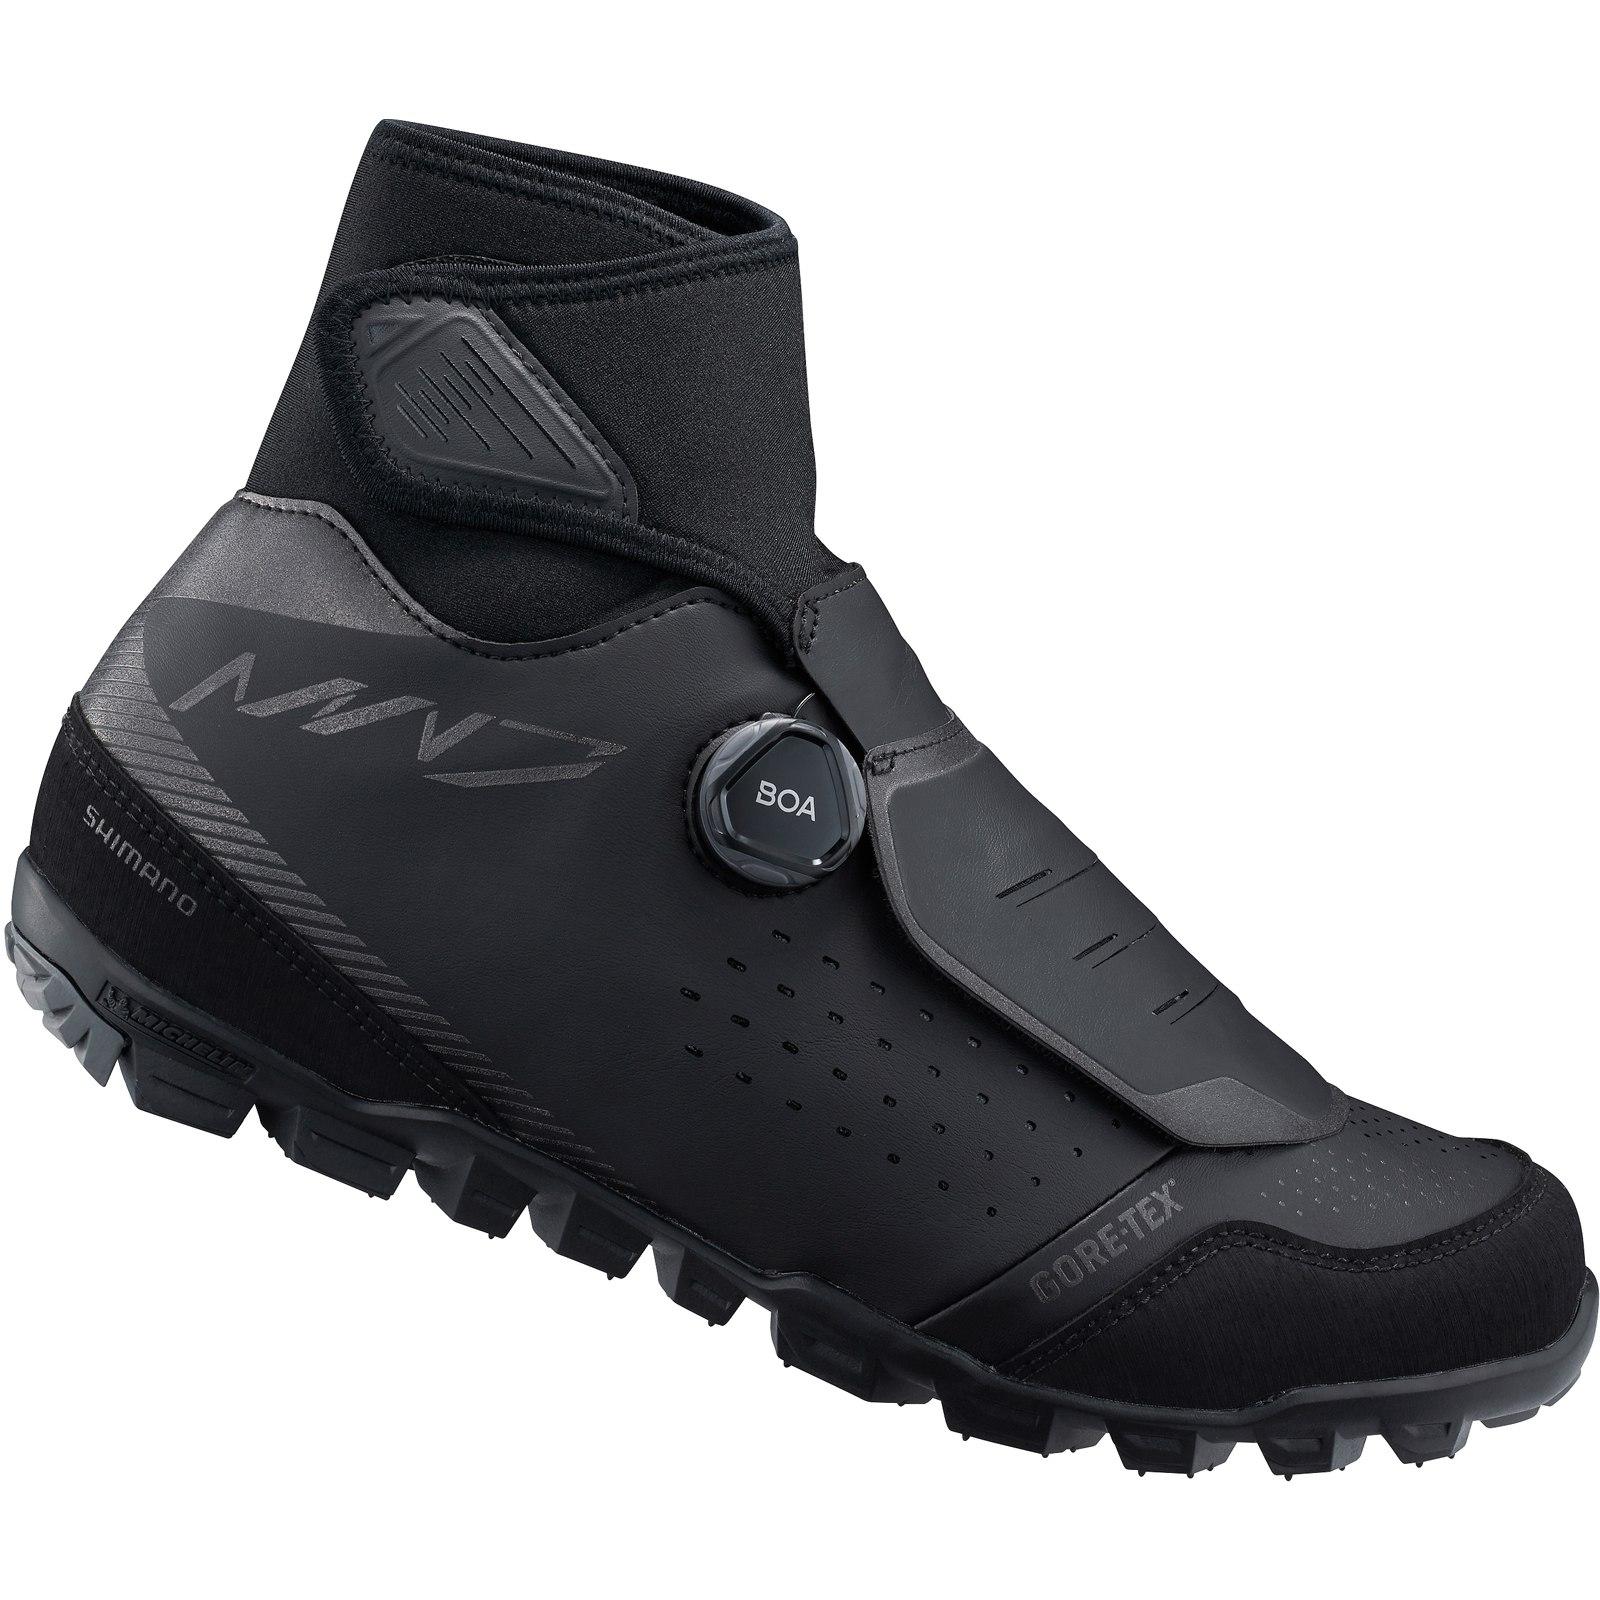 Foto de Shimano SH-MW701 - Zapatillas MTB Invierno - black